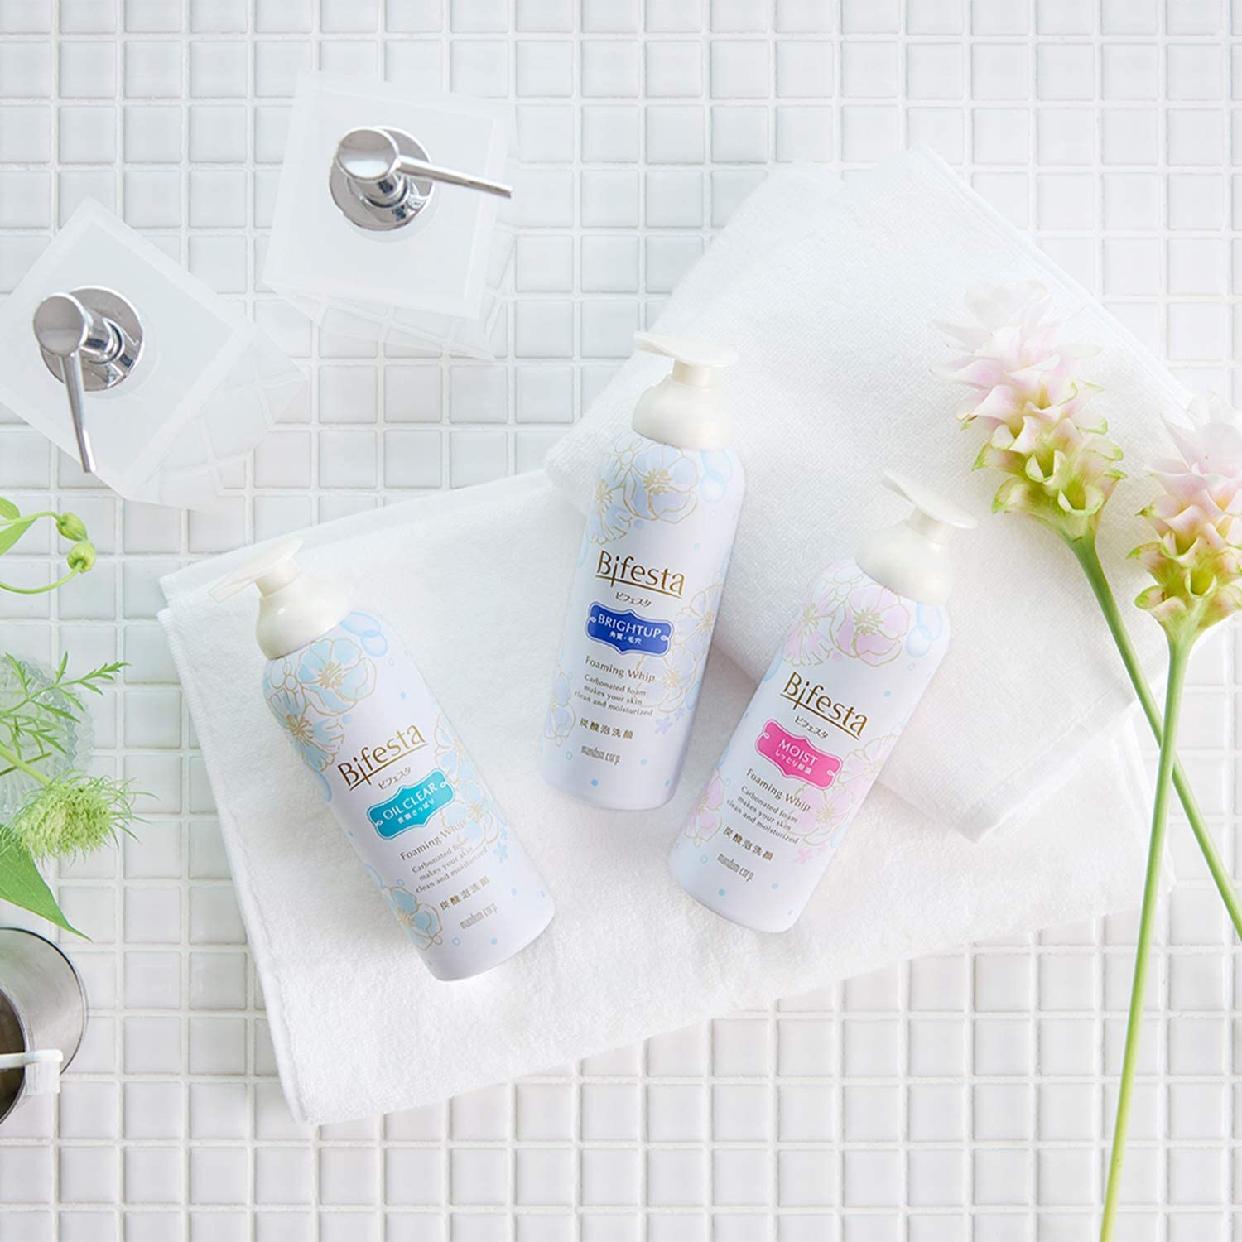 Bifesta(ビフェスタ) 泡洗顔 コントロールケアの商品画像11